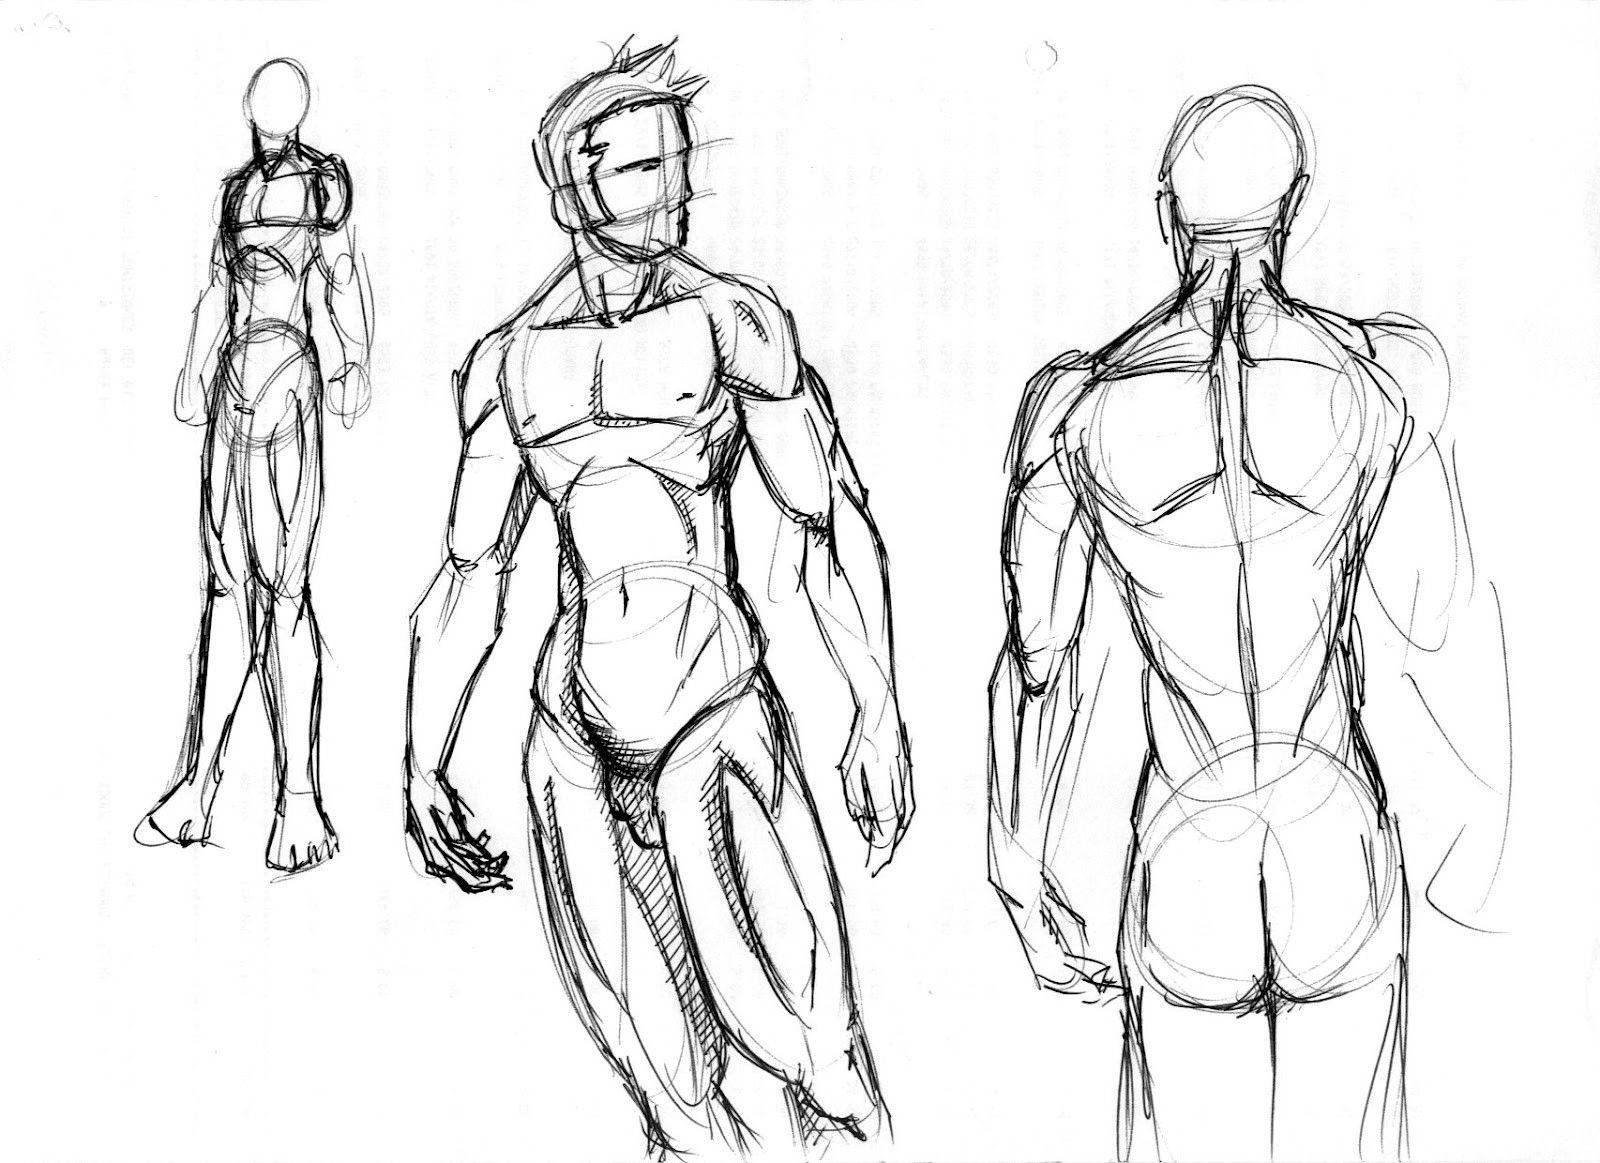 Pin De Xeon En Something To Draw Bocetos Del Cuerpo Humano Cuerpo Humano Dibujo Cuerpo